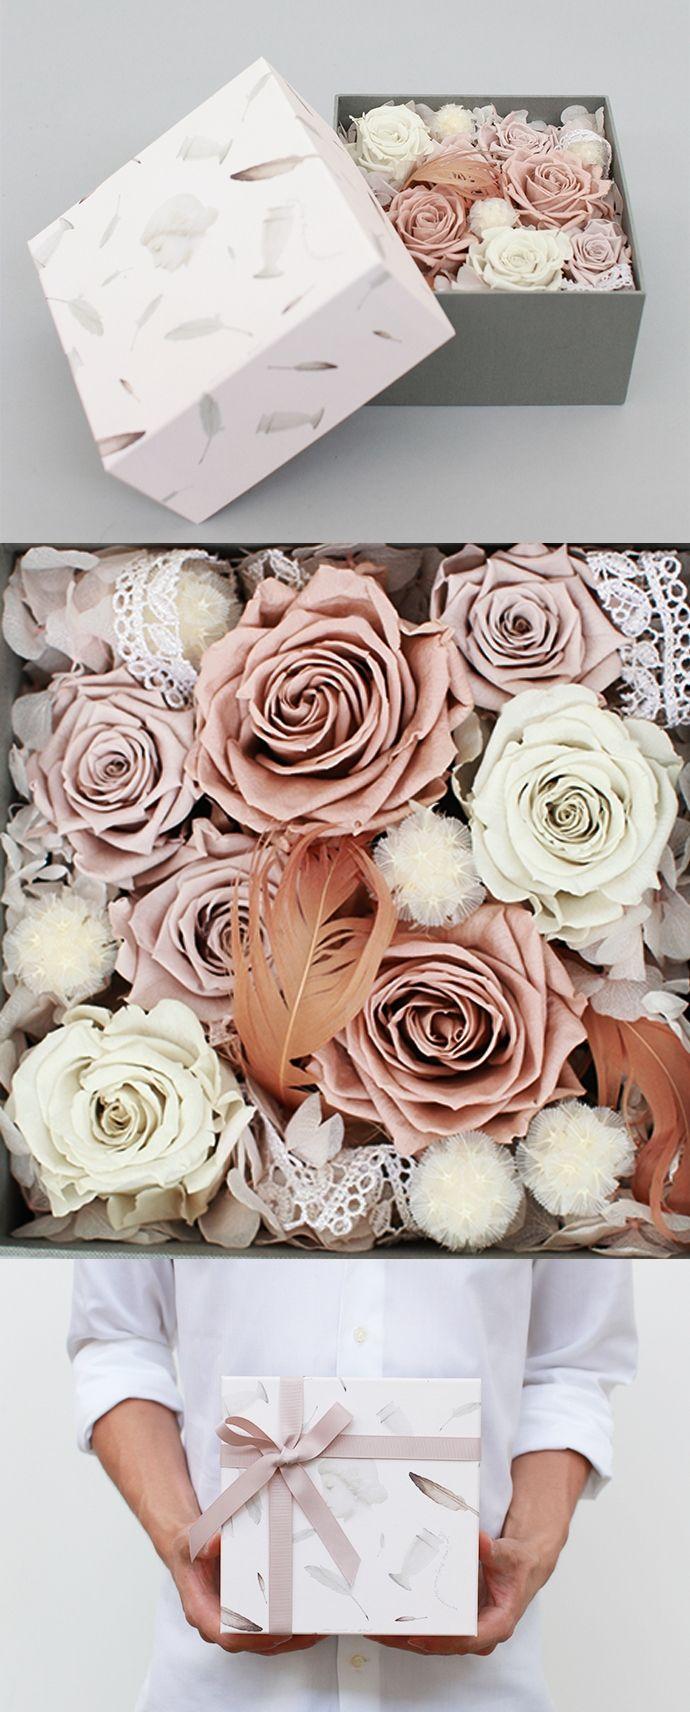 """一封陌生女人的来信(艺术家限量版永生花盒)¥650 永生花,Preserved Fresh Flower,最早在20世纪的德国出现。它是用高科技手段,将鲜花经过脱水、保色、干燥等复杂程序加工而成的干花。永生花的色泽、性状、手感与鲜花无异,它保持了鲜花的特质,却可以更长久地陪伴在身边(保存时间3年以上),是""""永不凋谢""""的鲜花。图片分享自野兽派花店"""